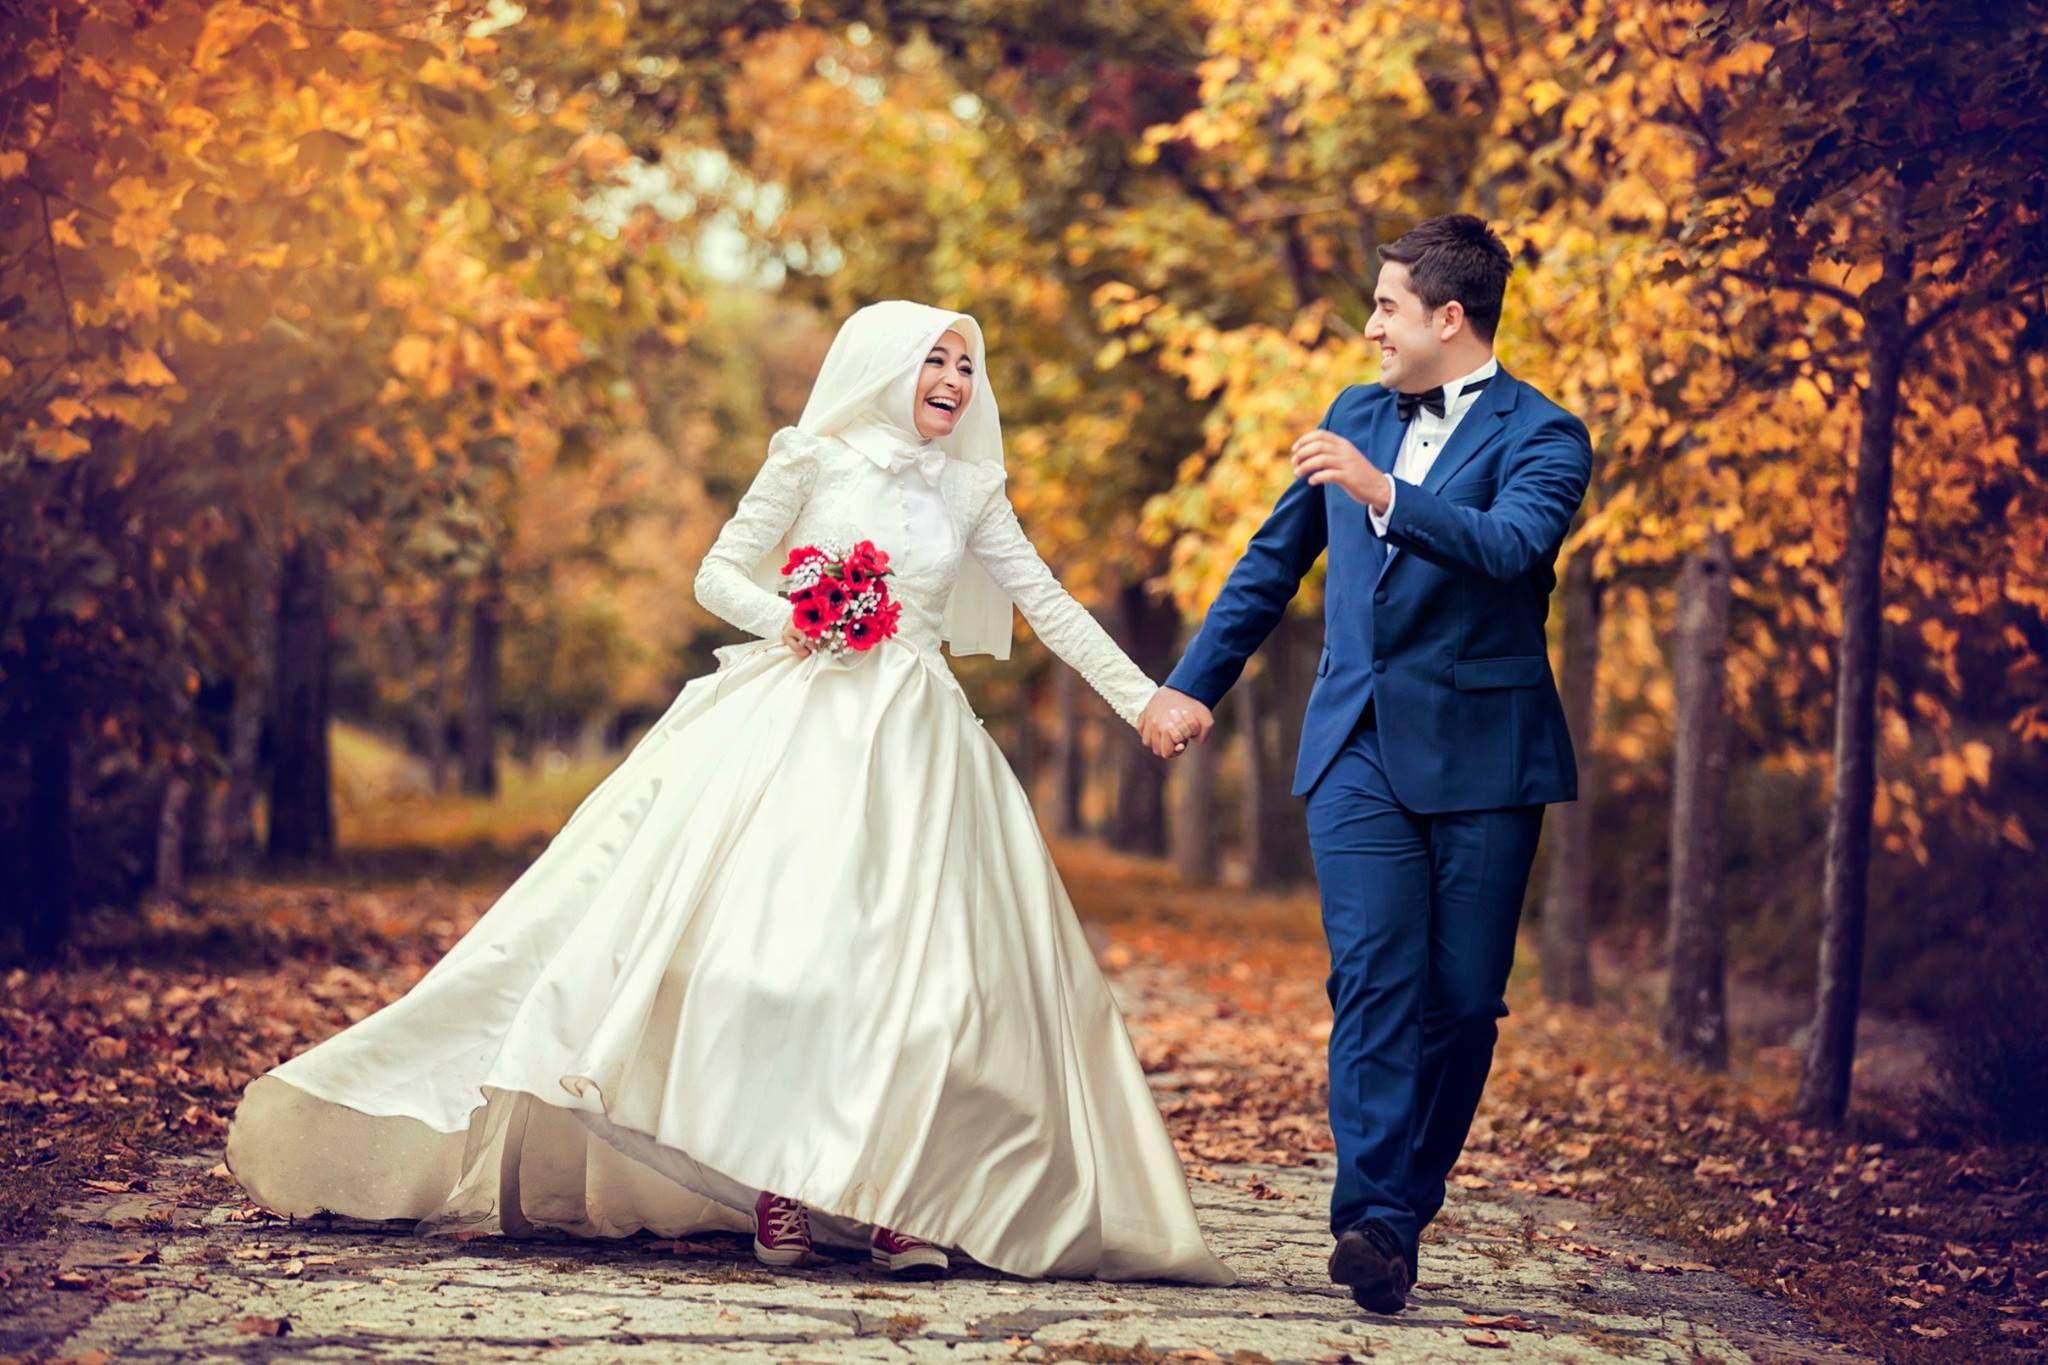 Pin by uŞeyma gülu on düğün ve nişan fotoğraf Çekimleri pinterest